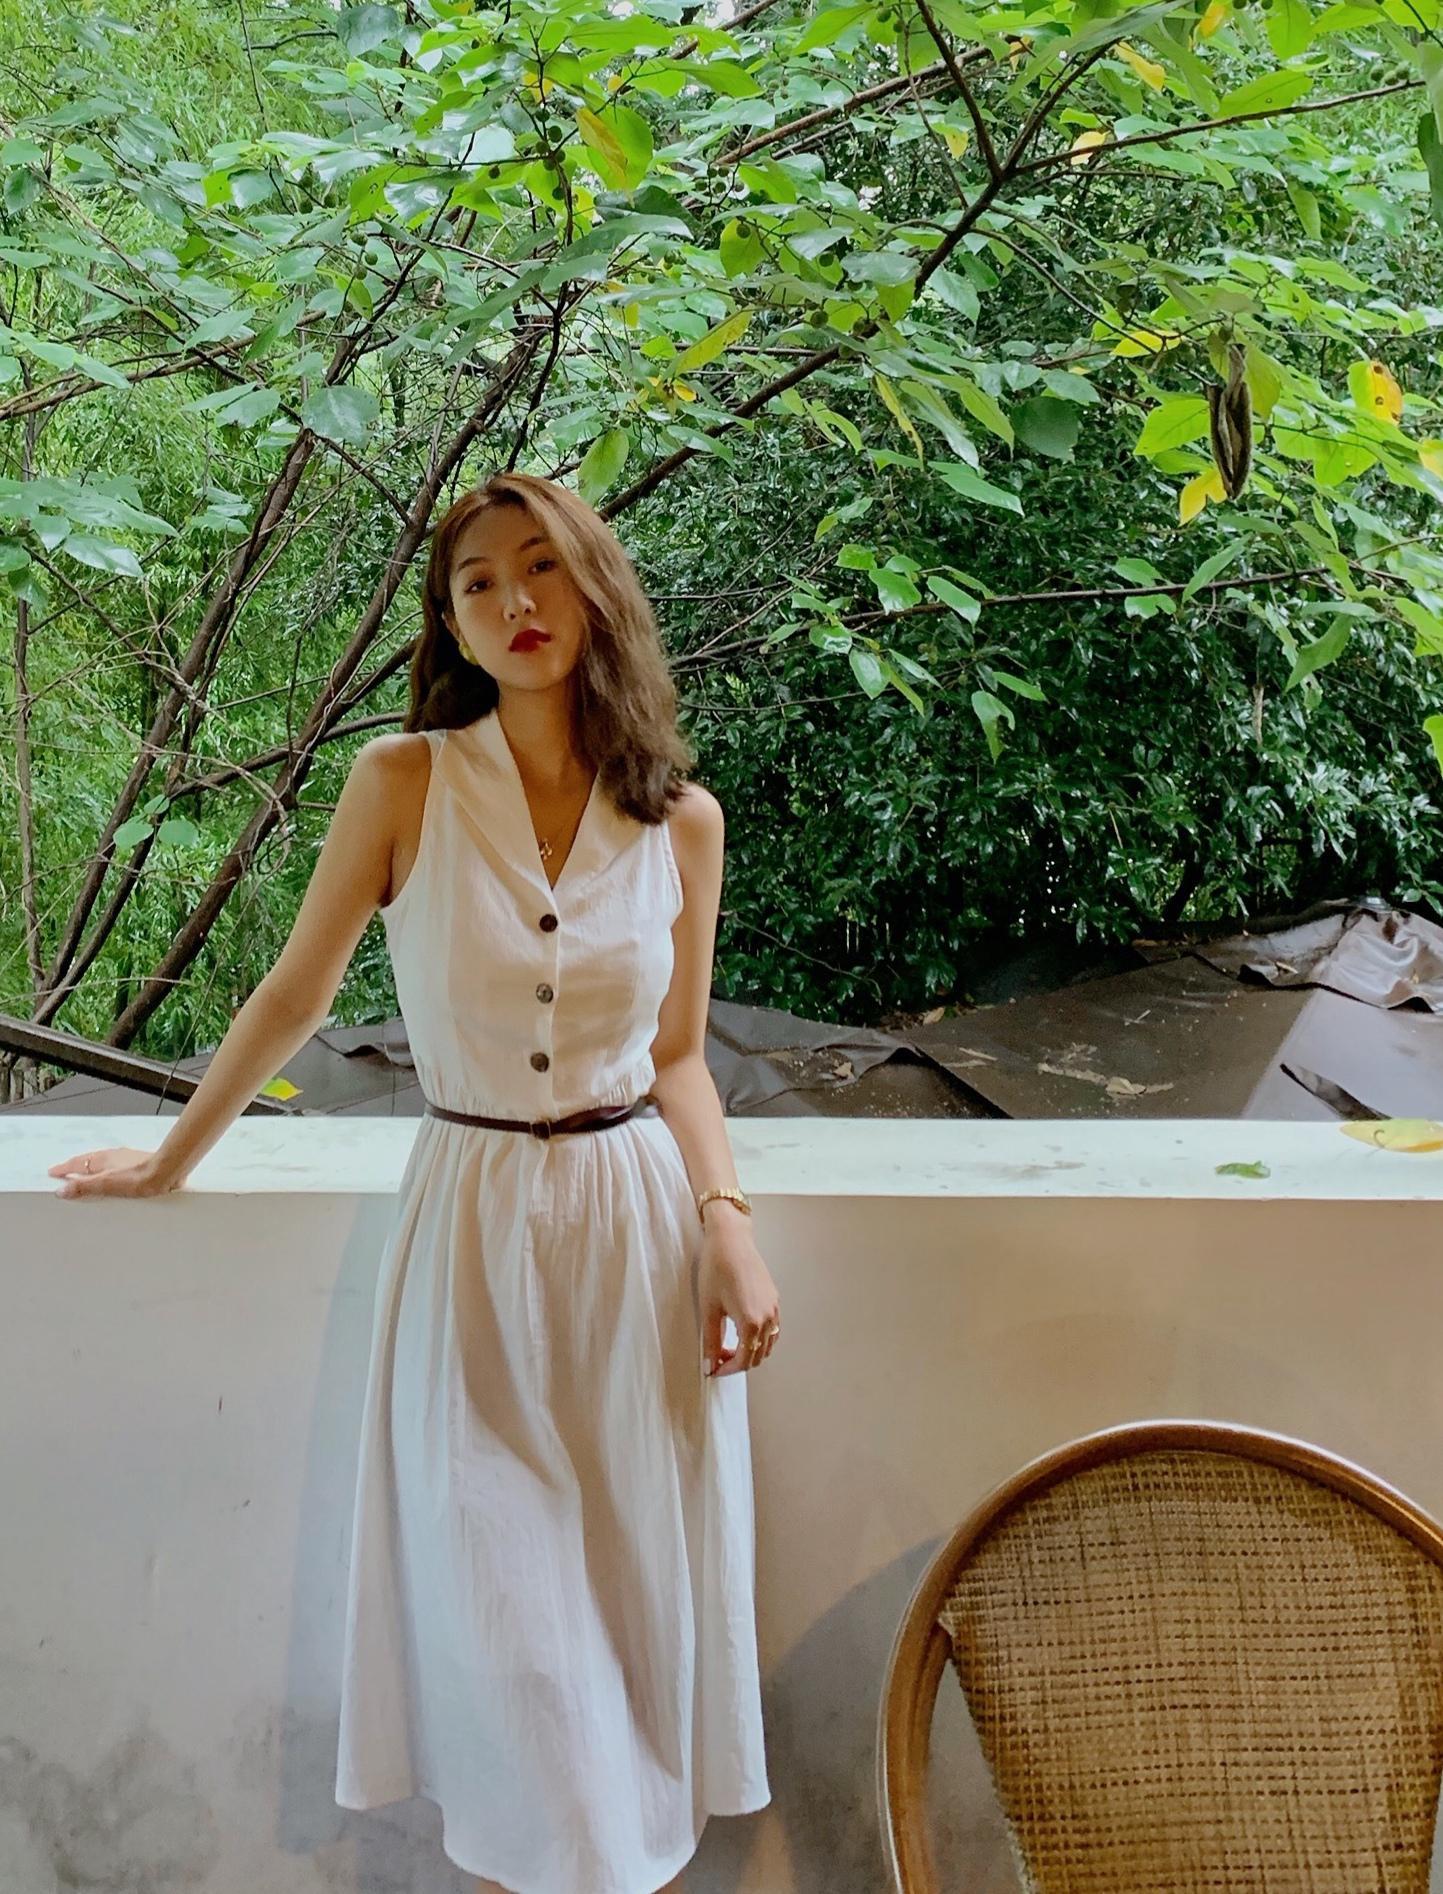 40岁年龄的女人适合穿什么样的裙子 鱼尾裙最显女人味 更显曼妙身姿